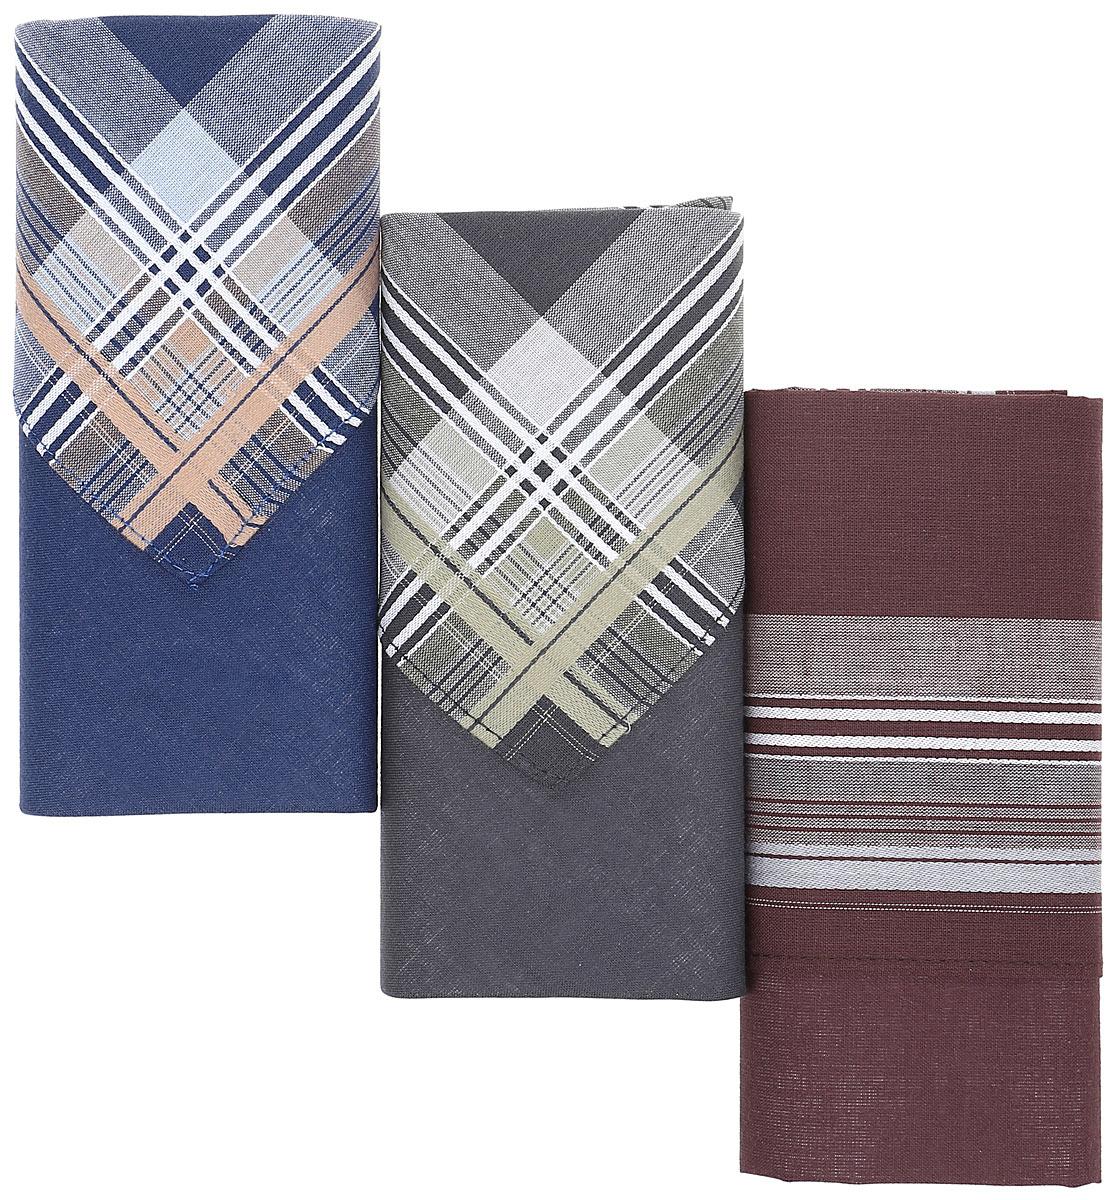 Платок носовой мужской Zlata Korunka, цвет: мультиколор, 3 шт. М54А. Размер 39 х 39 см39864|Серьги с подвескамиНосовые платки изготовлены из натурального хлопка, приятны в использовании, хорошо стираются, материал не садится и отлично впитывает влагу. В упаковке 3 штуки.